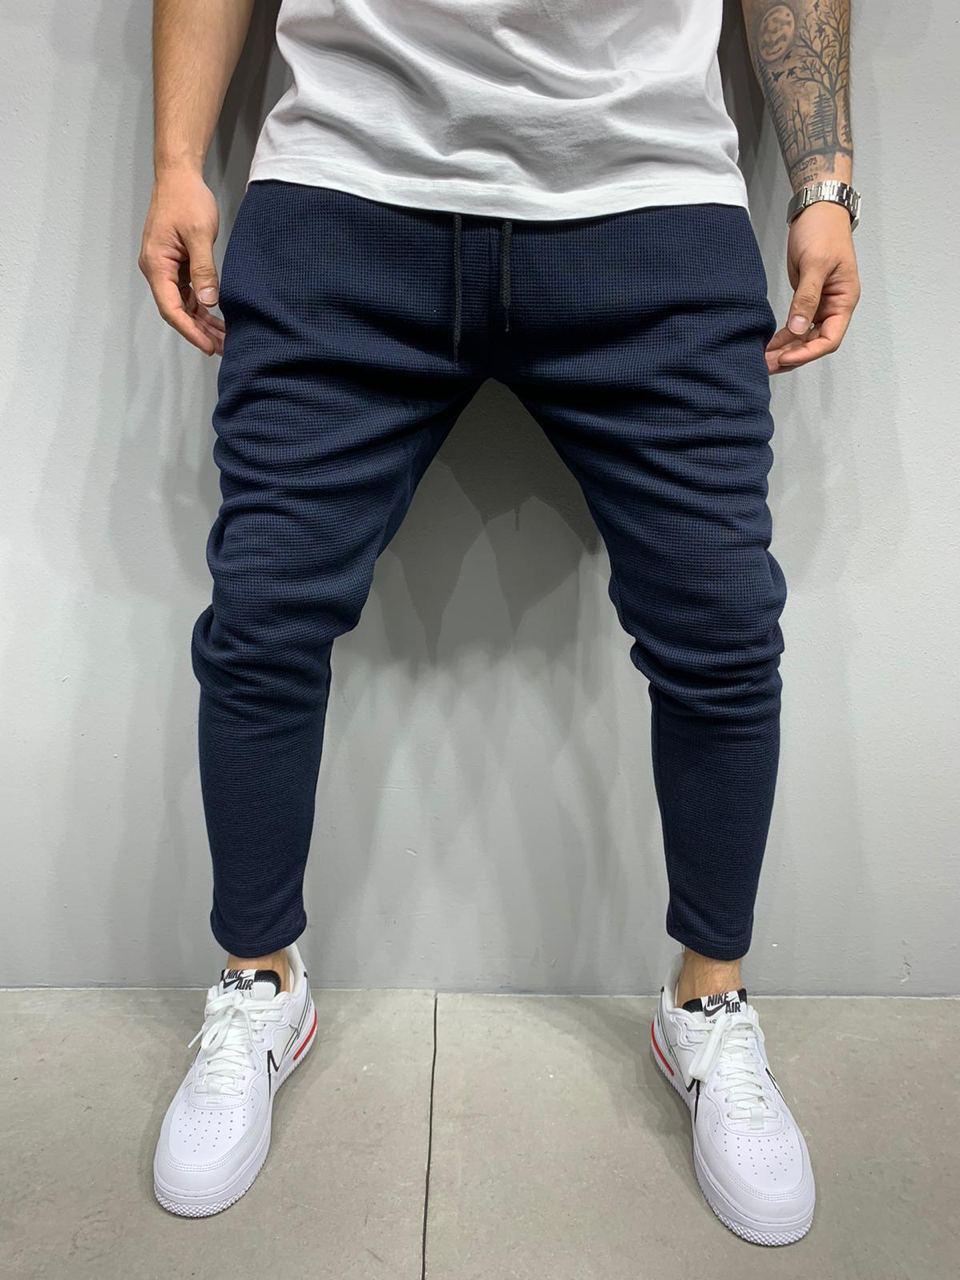 Спортивные штаны брюки мужские стильные повседневыне синие Турция